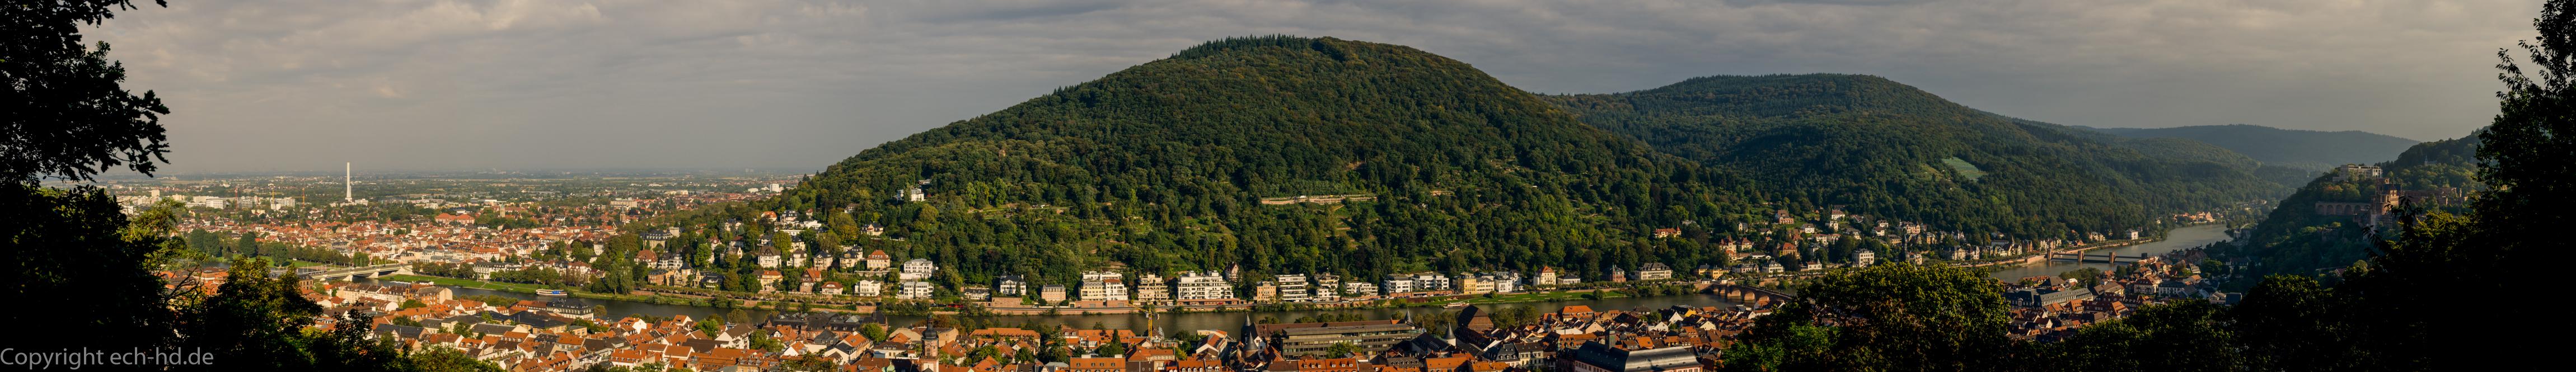 Panorama Heidelberg